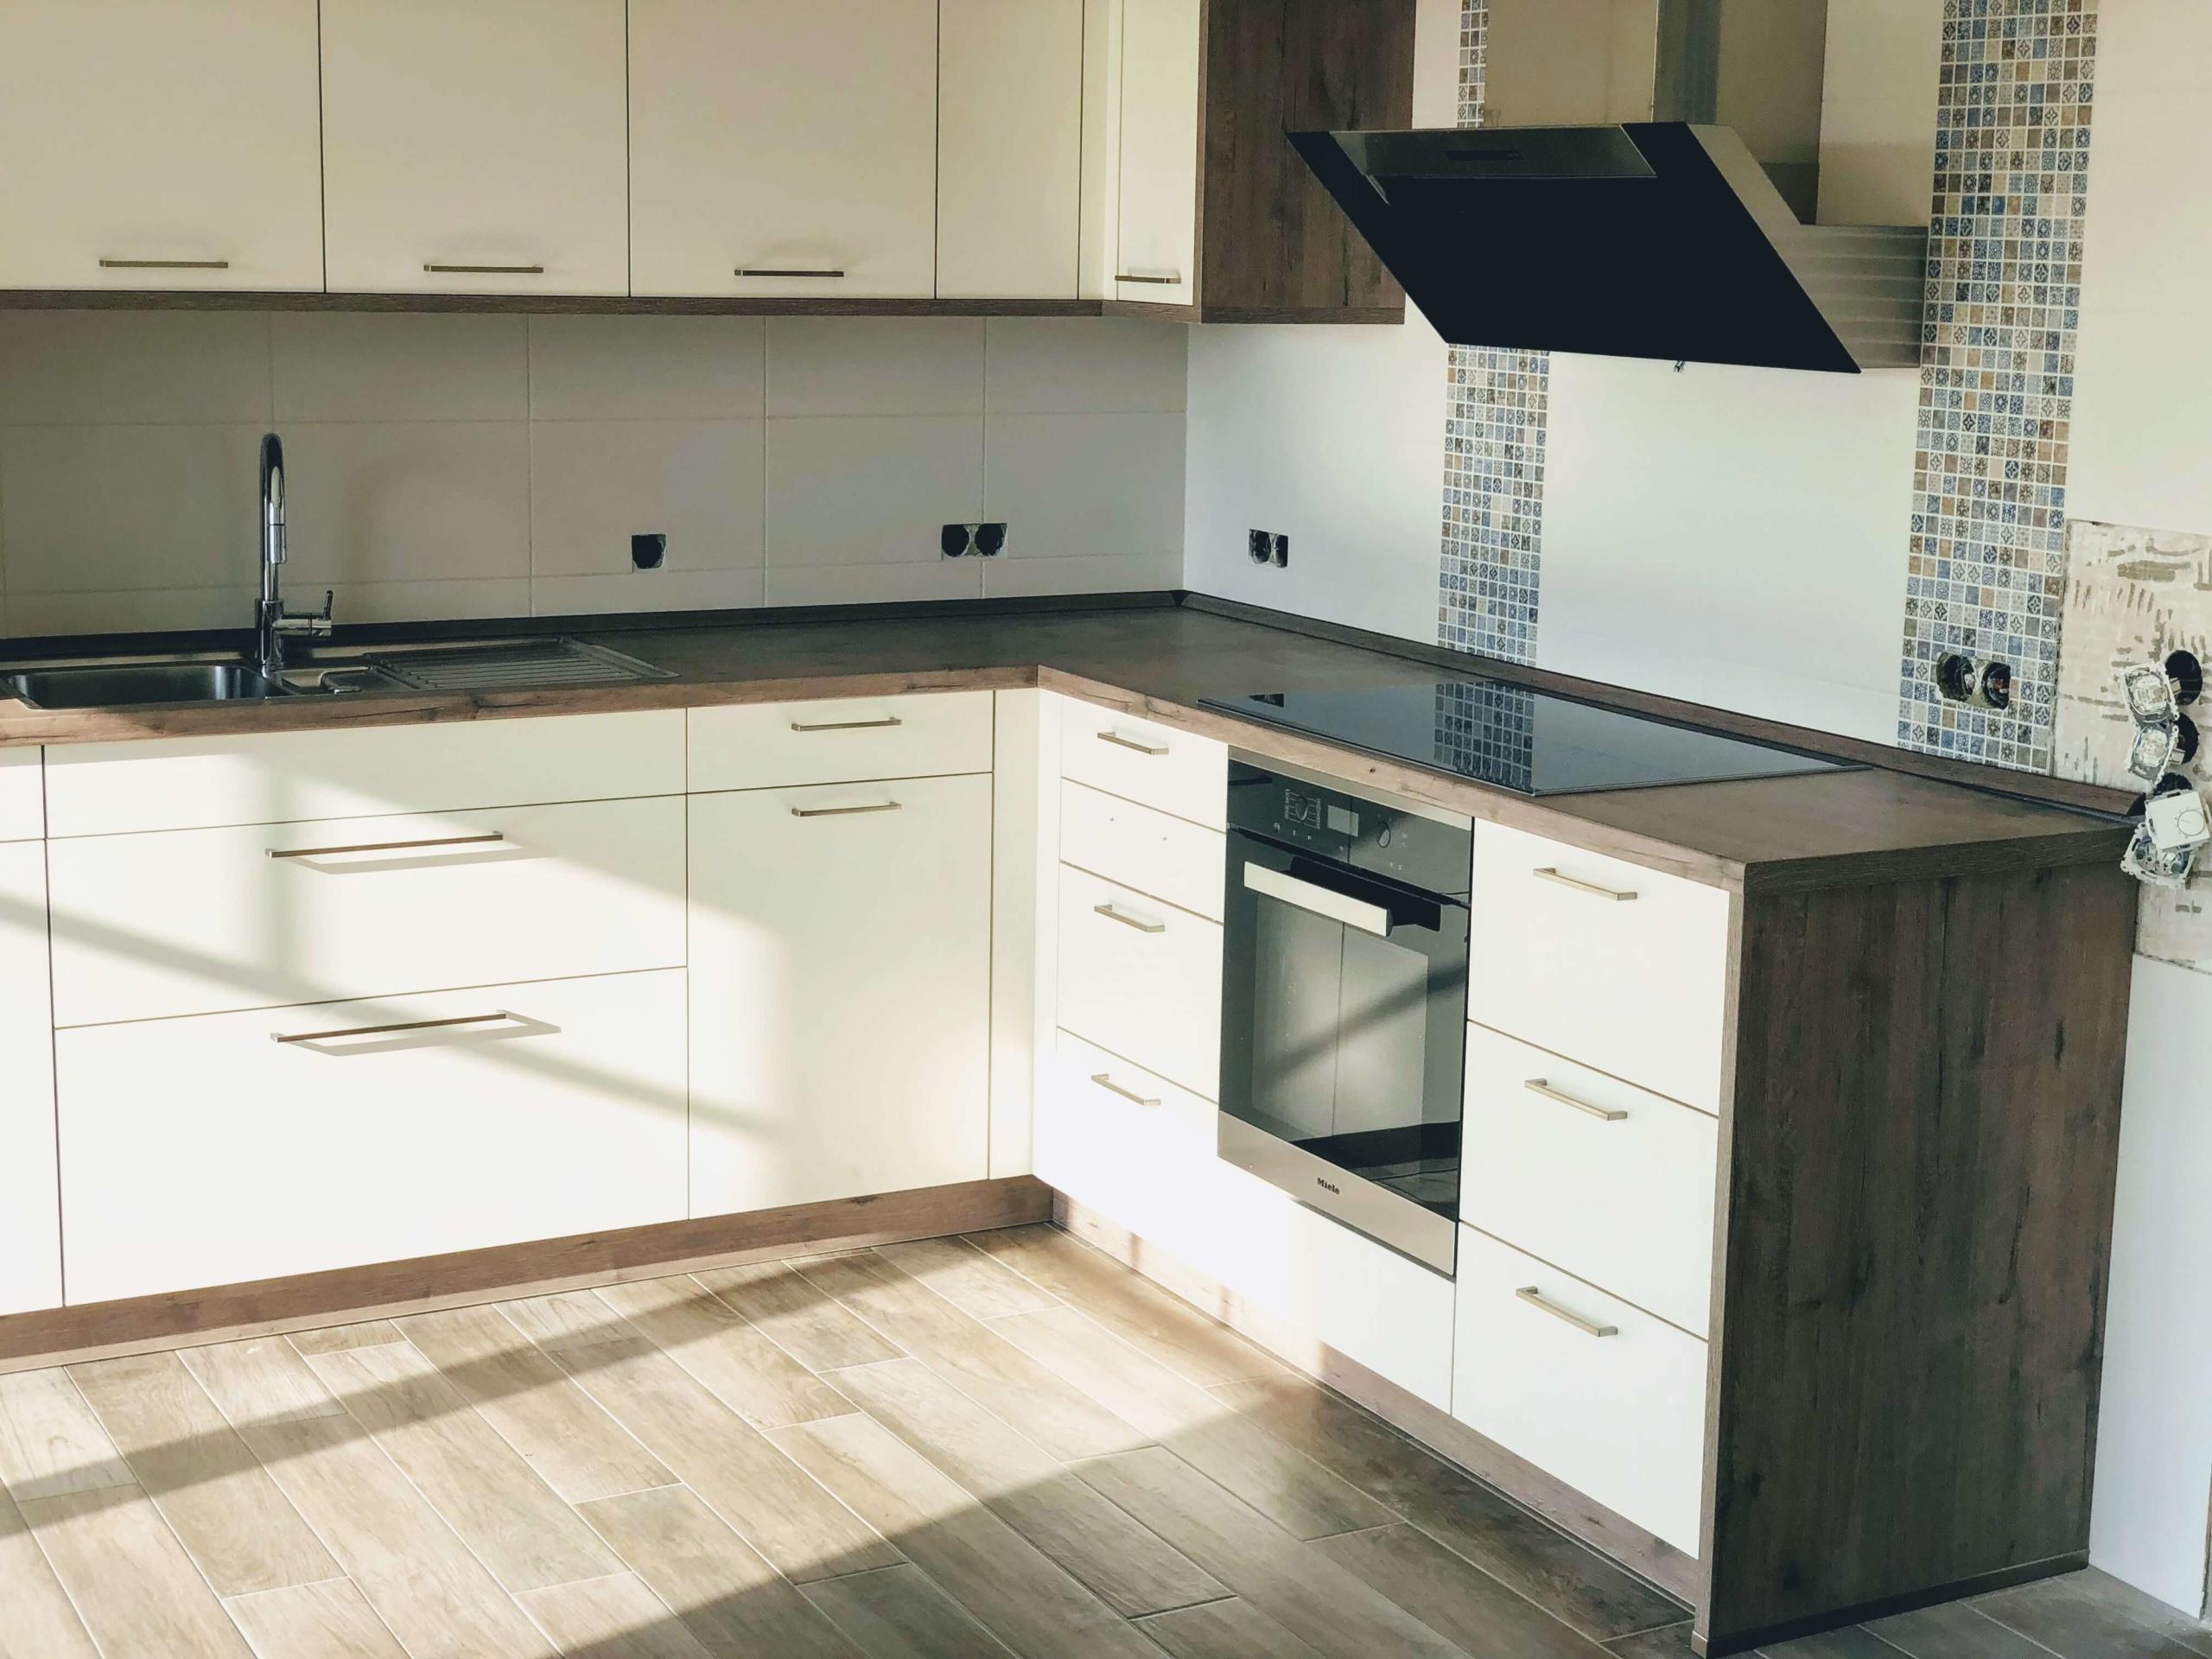 Bauformat Winkelküche Kochzone